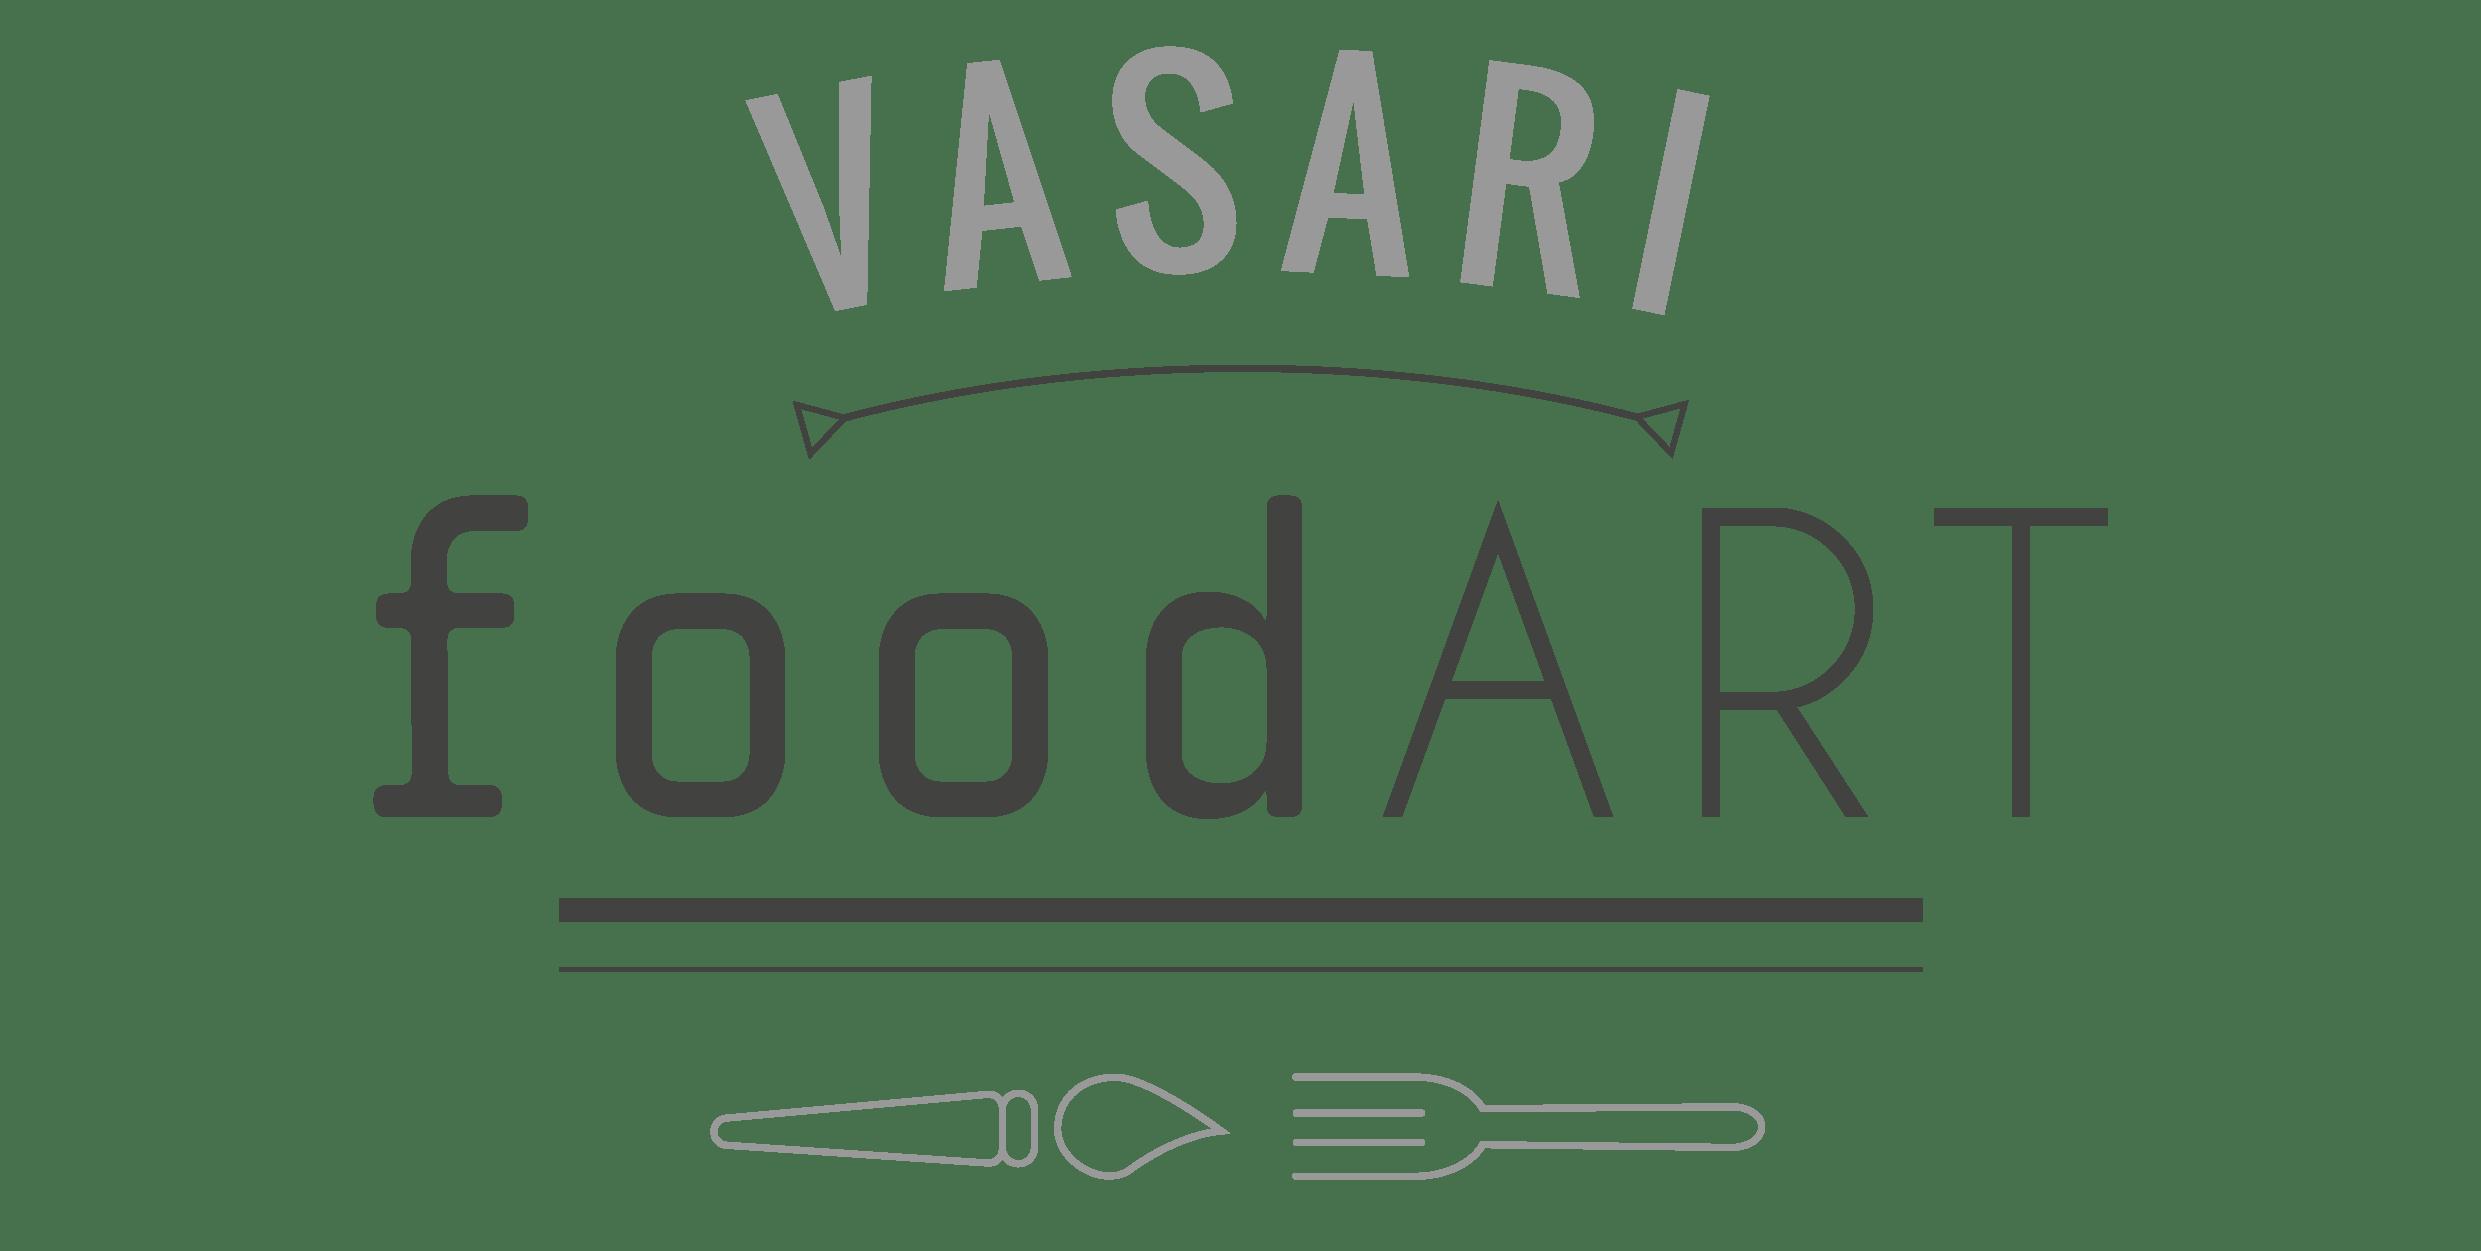 https://www.vasarifoodart.com